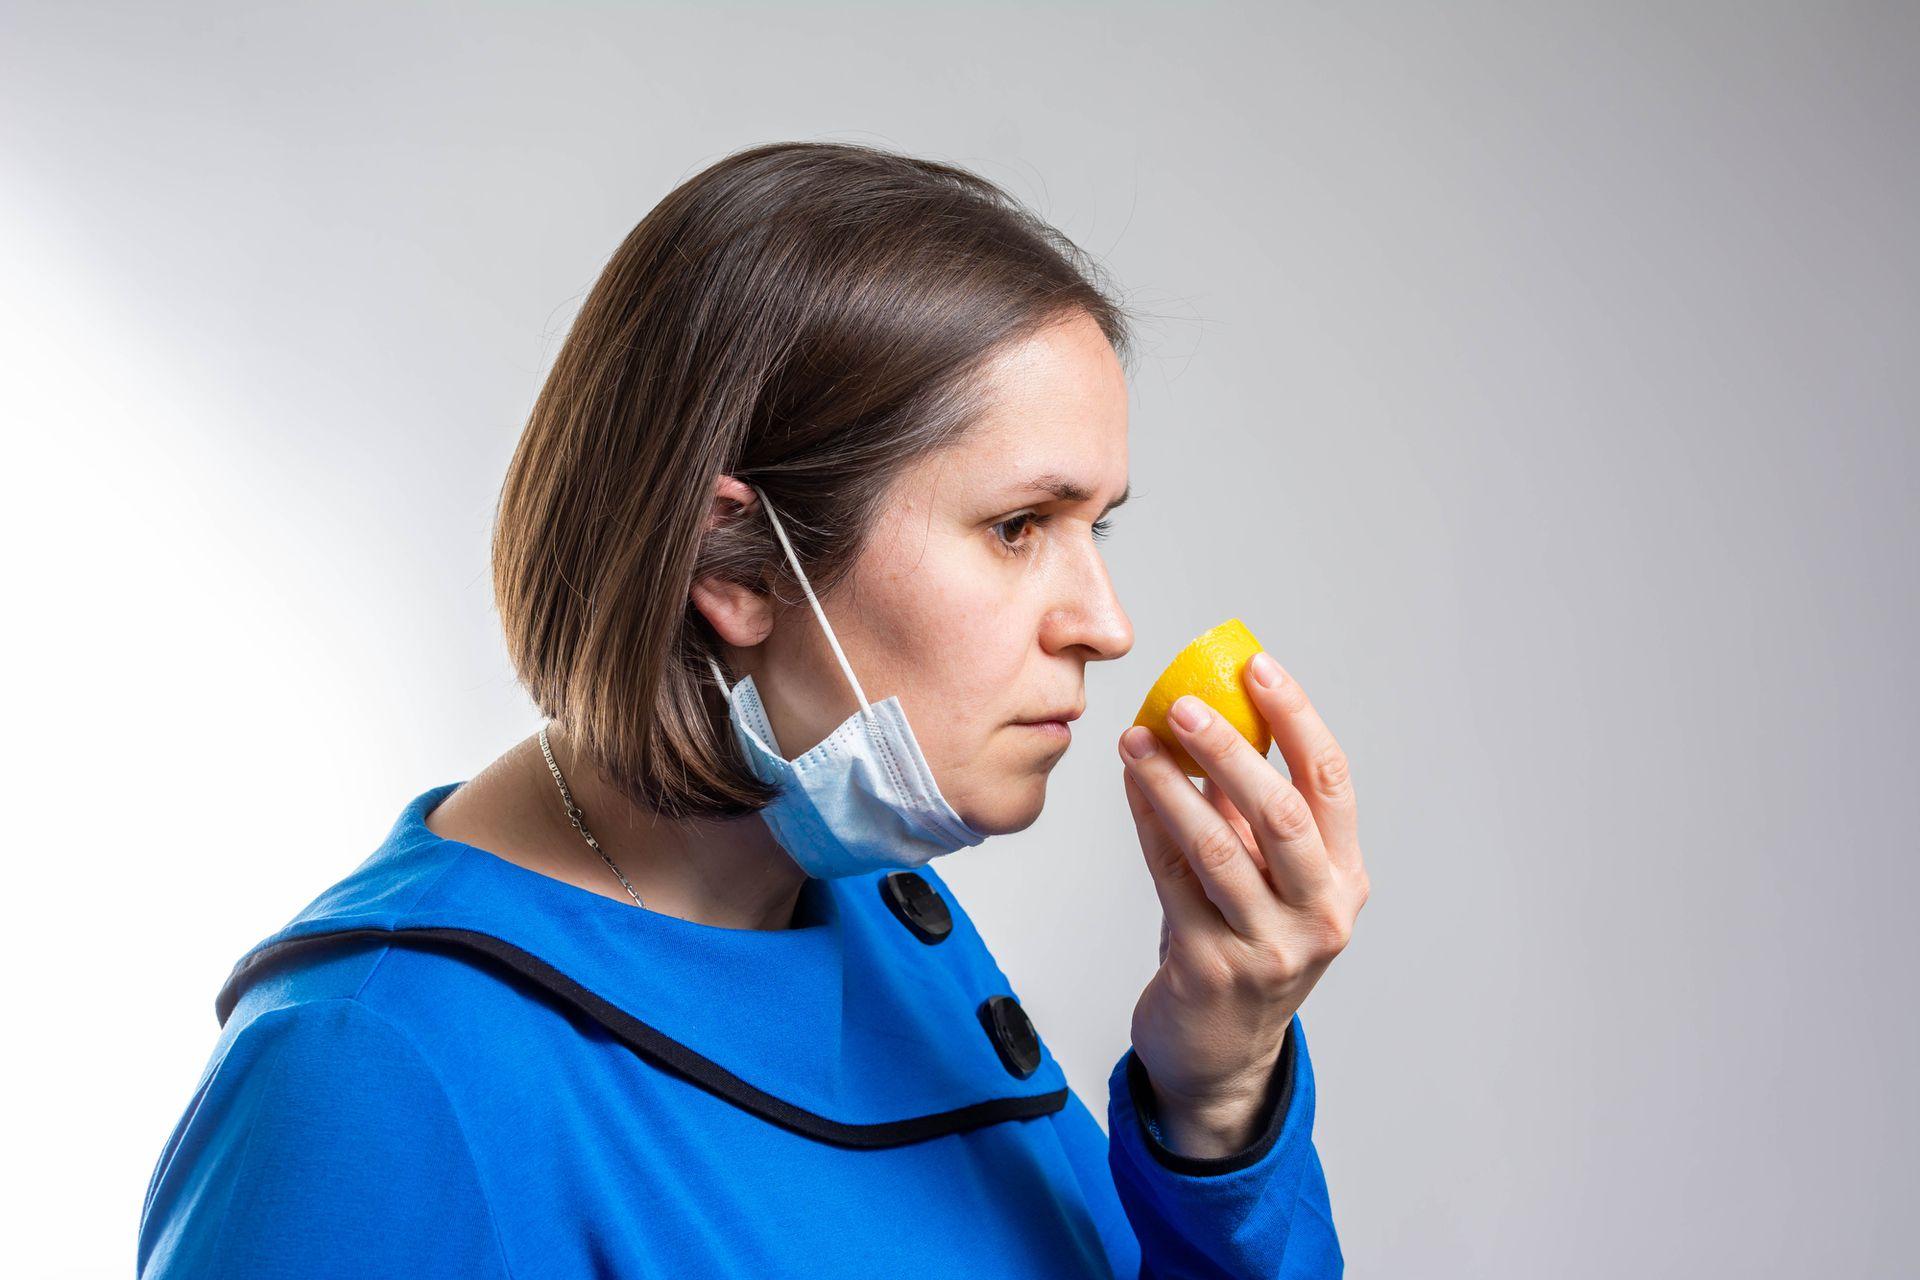 La anosmia (pérdida del olfato) por Covid-19 confunde a los pacientes y a los médicos, que como nunca antes reciben a personas que dejaron de oler completamente de un día para el otro